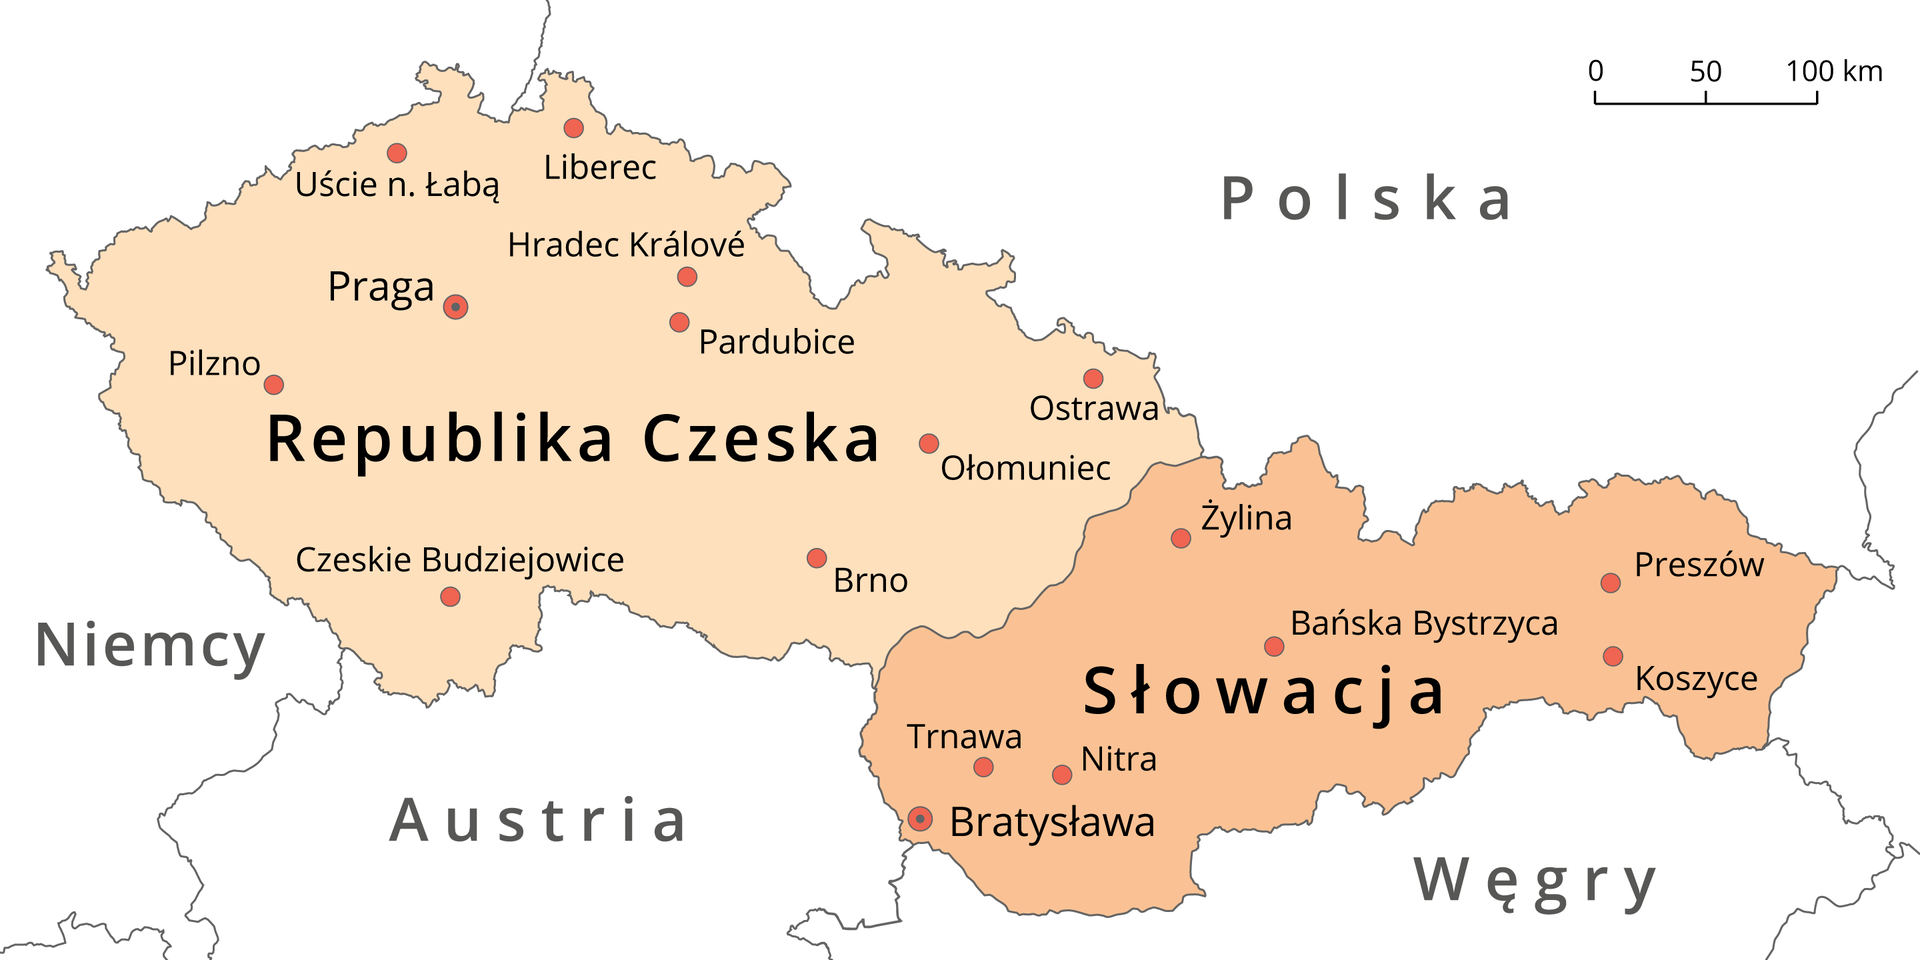 Na ilustracji mapa. Kolorem jasnopomarańczowym zaznaczono Republikę Czeską po zachodniej stronie mapy. Kolorem ciemnopomarańczowym zaznaczono Słowację po wschodniej stronie mapy. Zaznaczono stolice igłówne miasta. Opisano państwa sąsiadujące. Od północy – Polska. Od południa – Niemcy, Austria iWęgry.